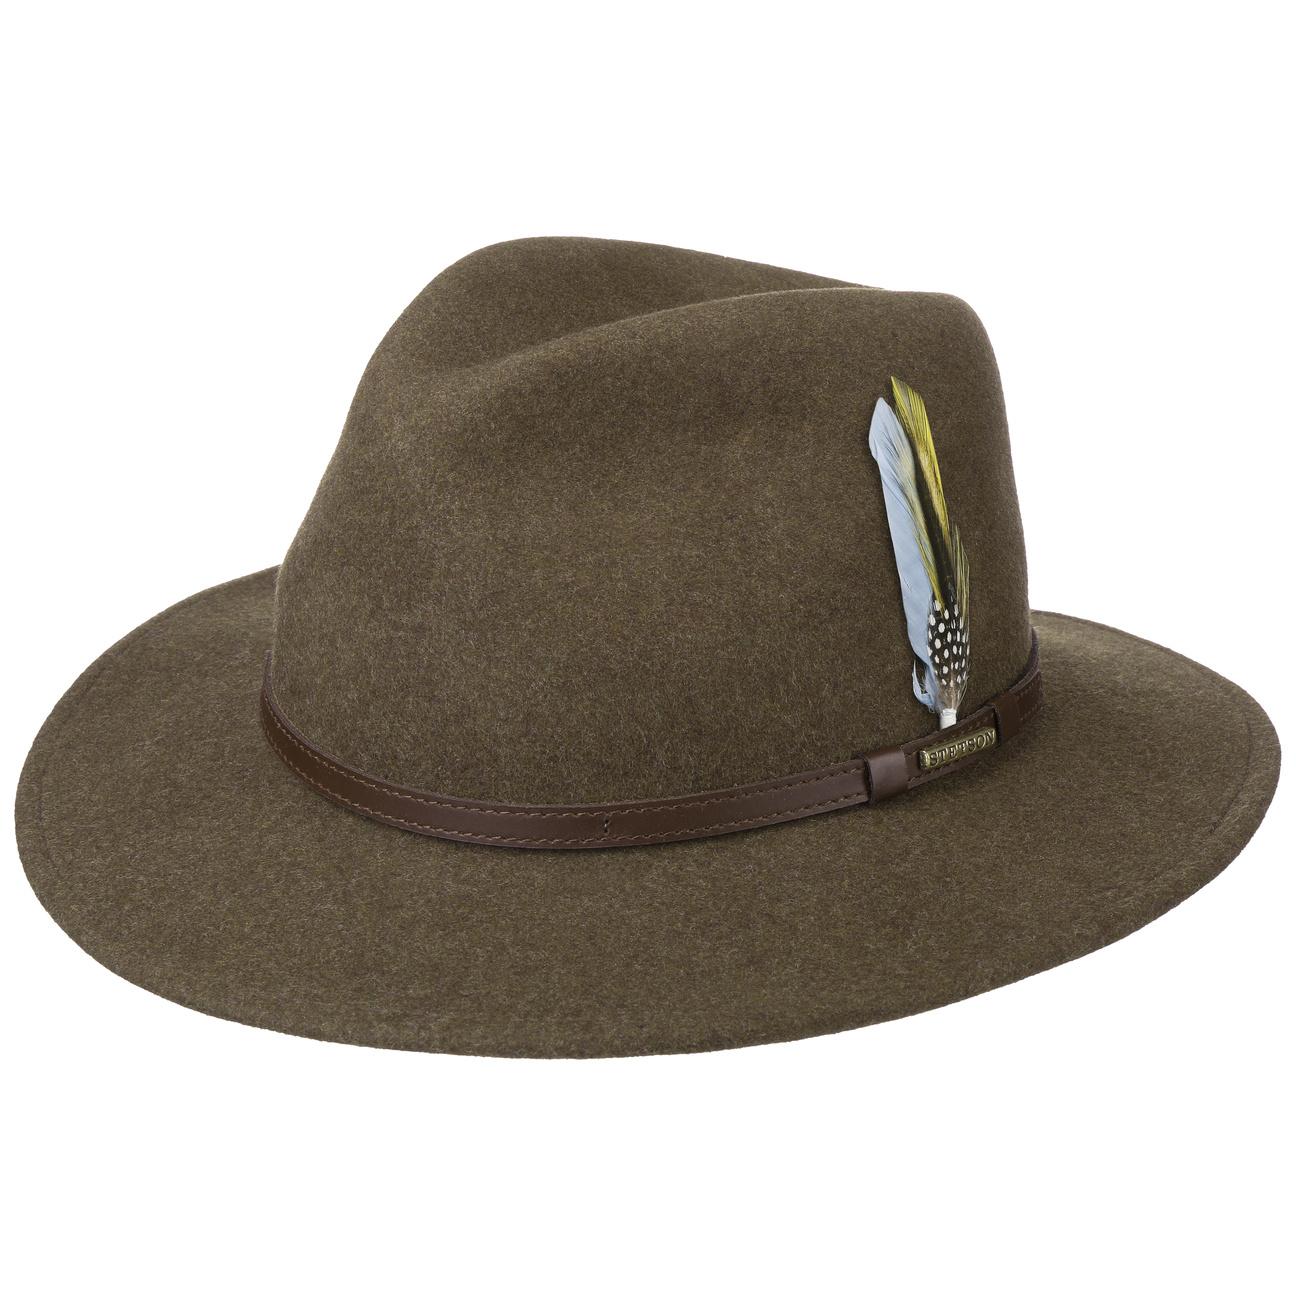 a375e4c851400 ... Newberg VitaFelt Traveller Hat by Stetson - brown 5 ...